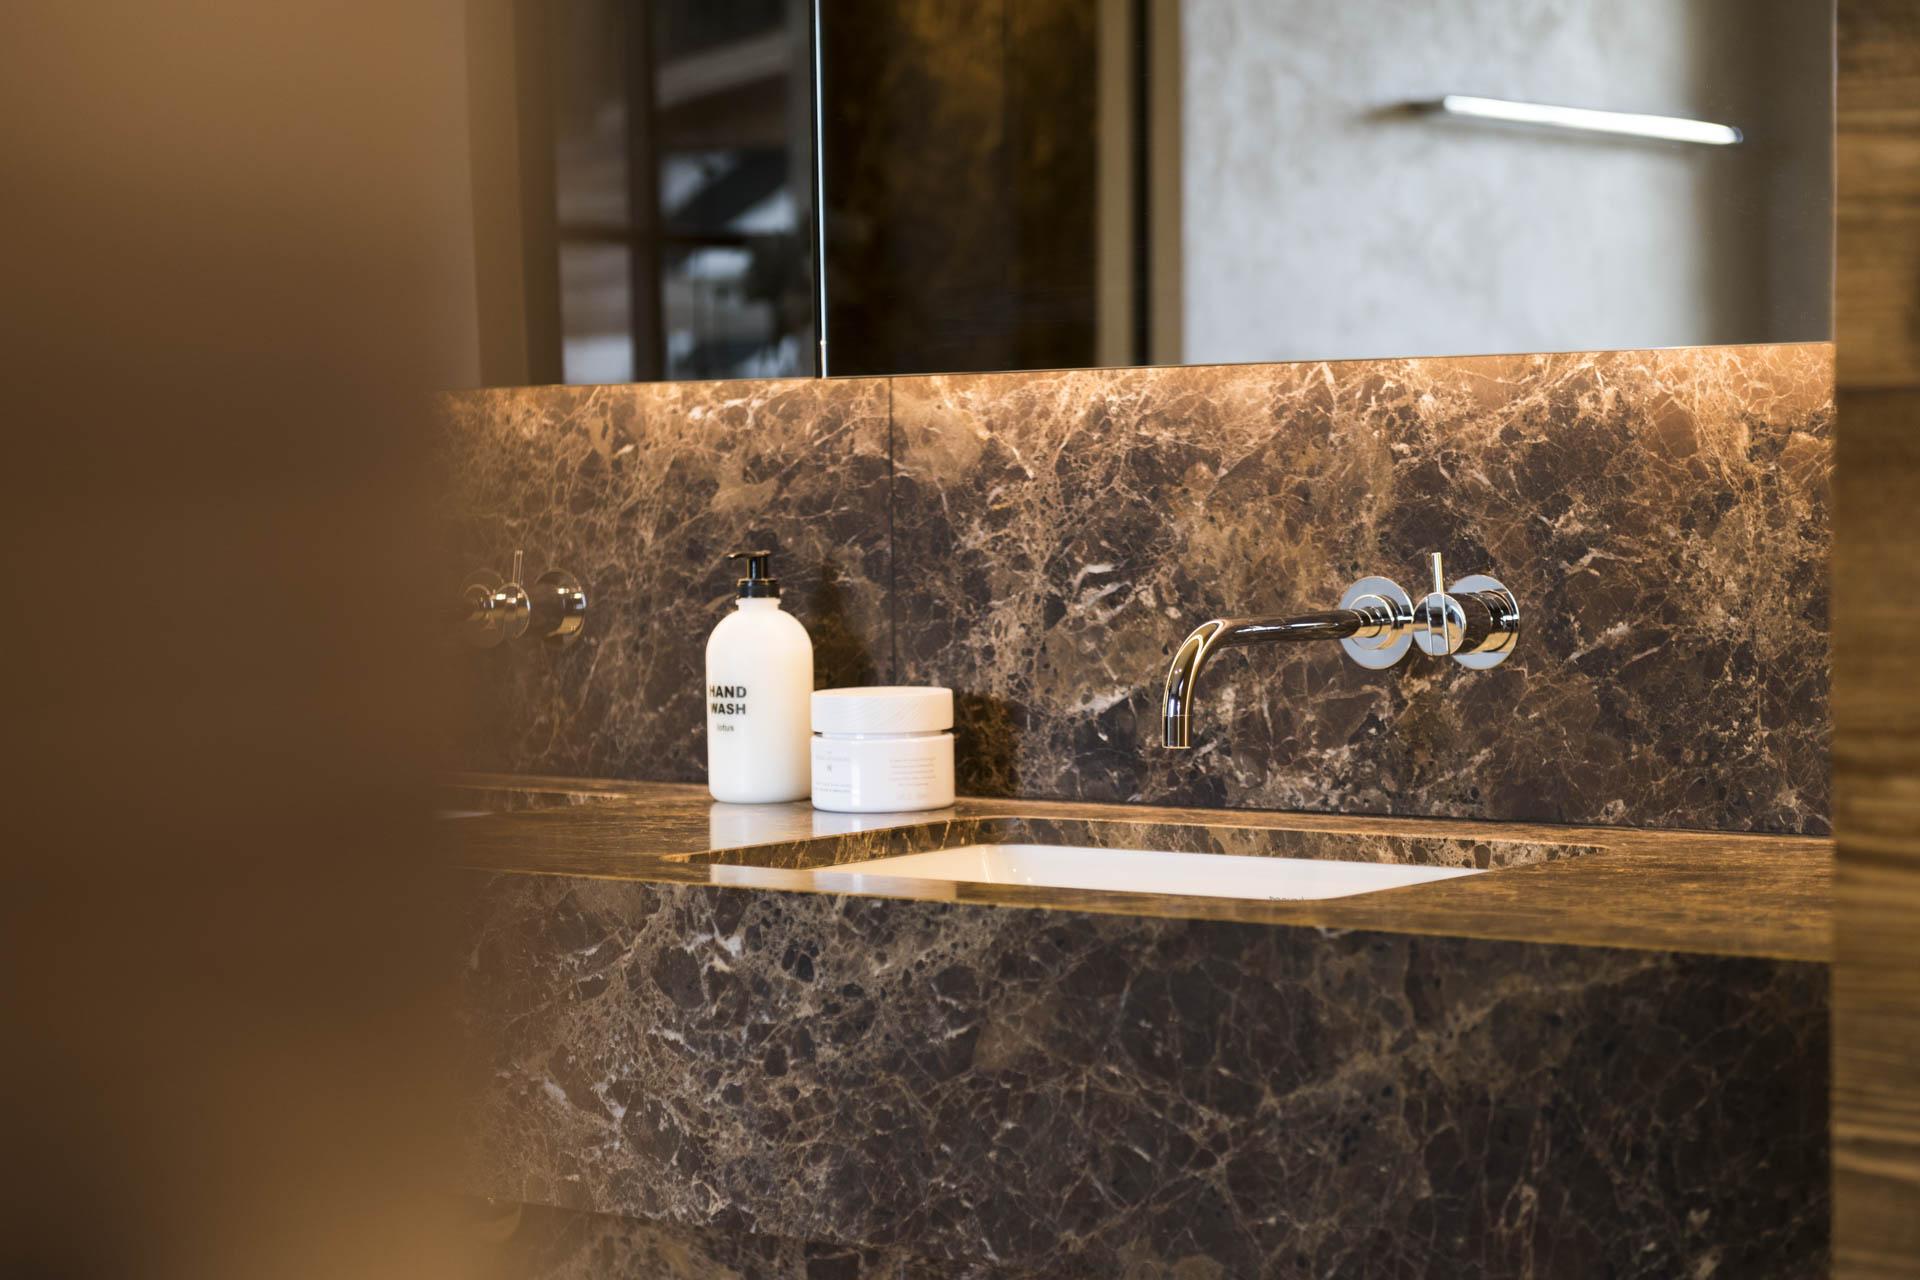 Tischlerei-Decker-Projekte-Wohnung-F-Badezimmer-Detail